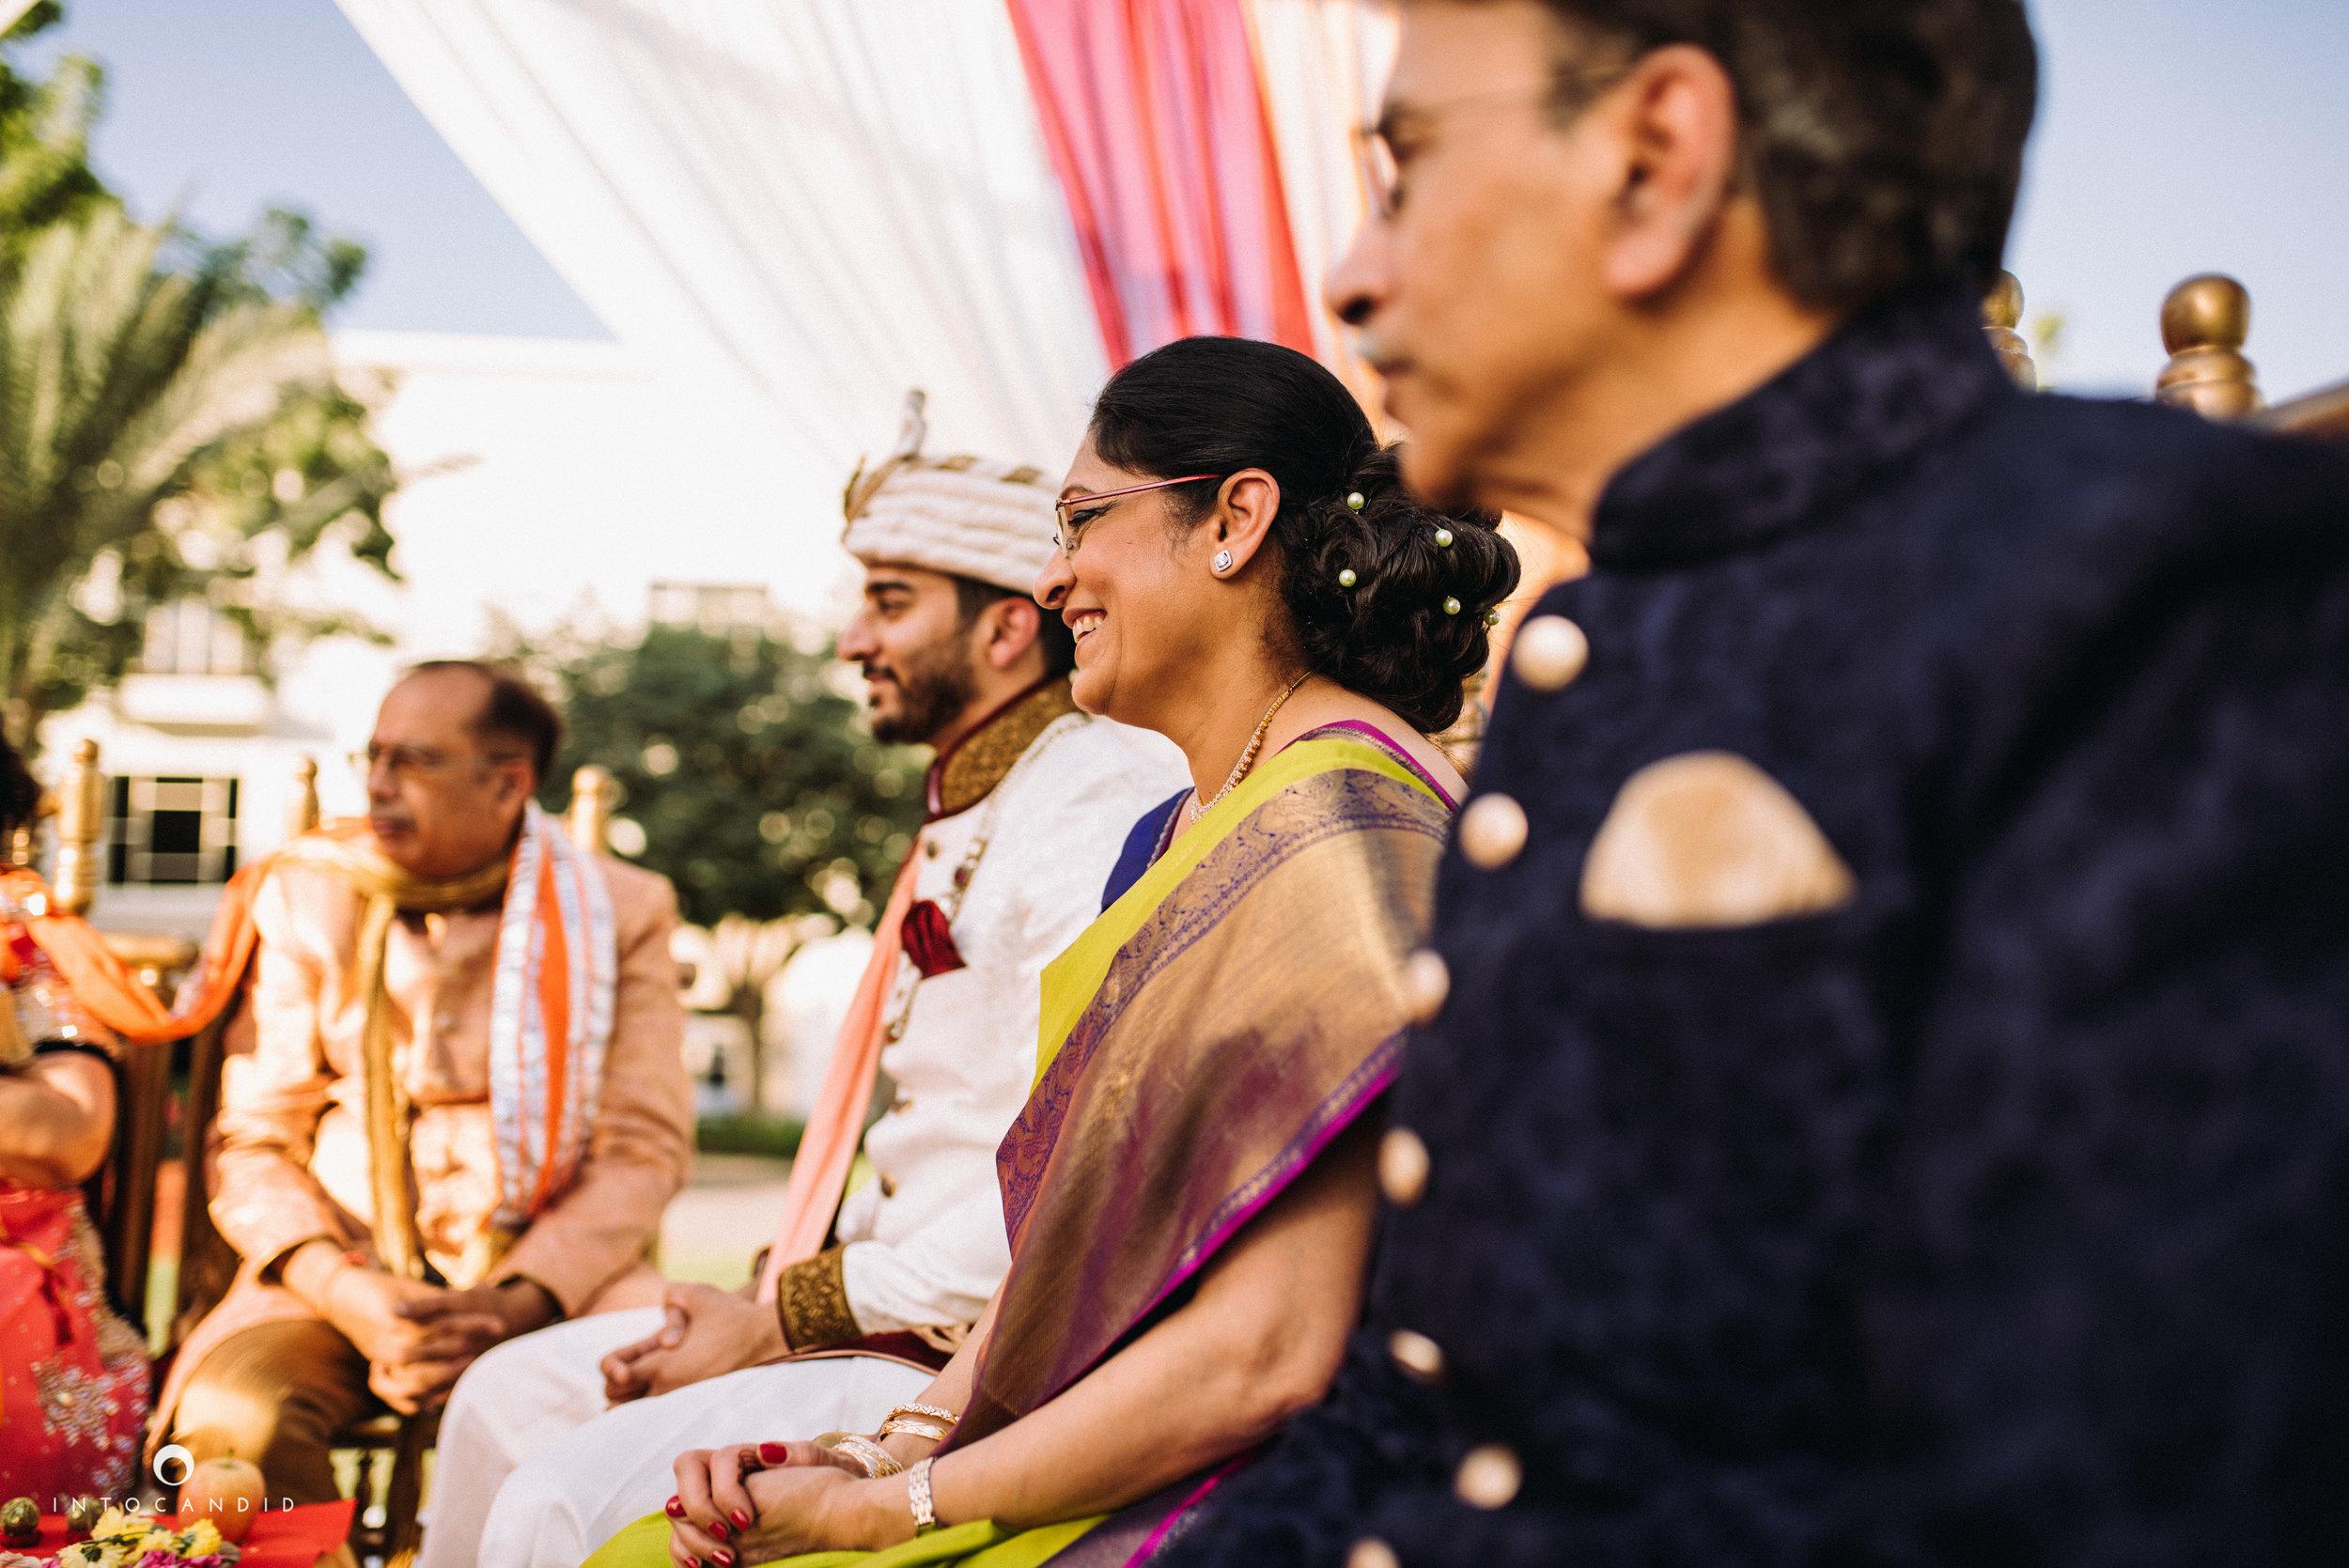 Dubai_Wedding_Photographer_28.JPG